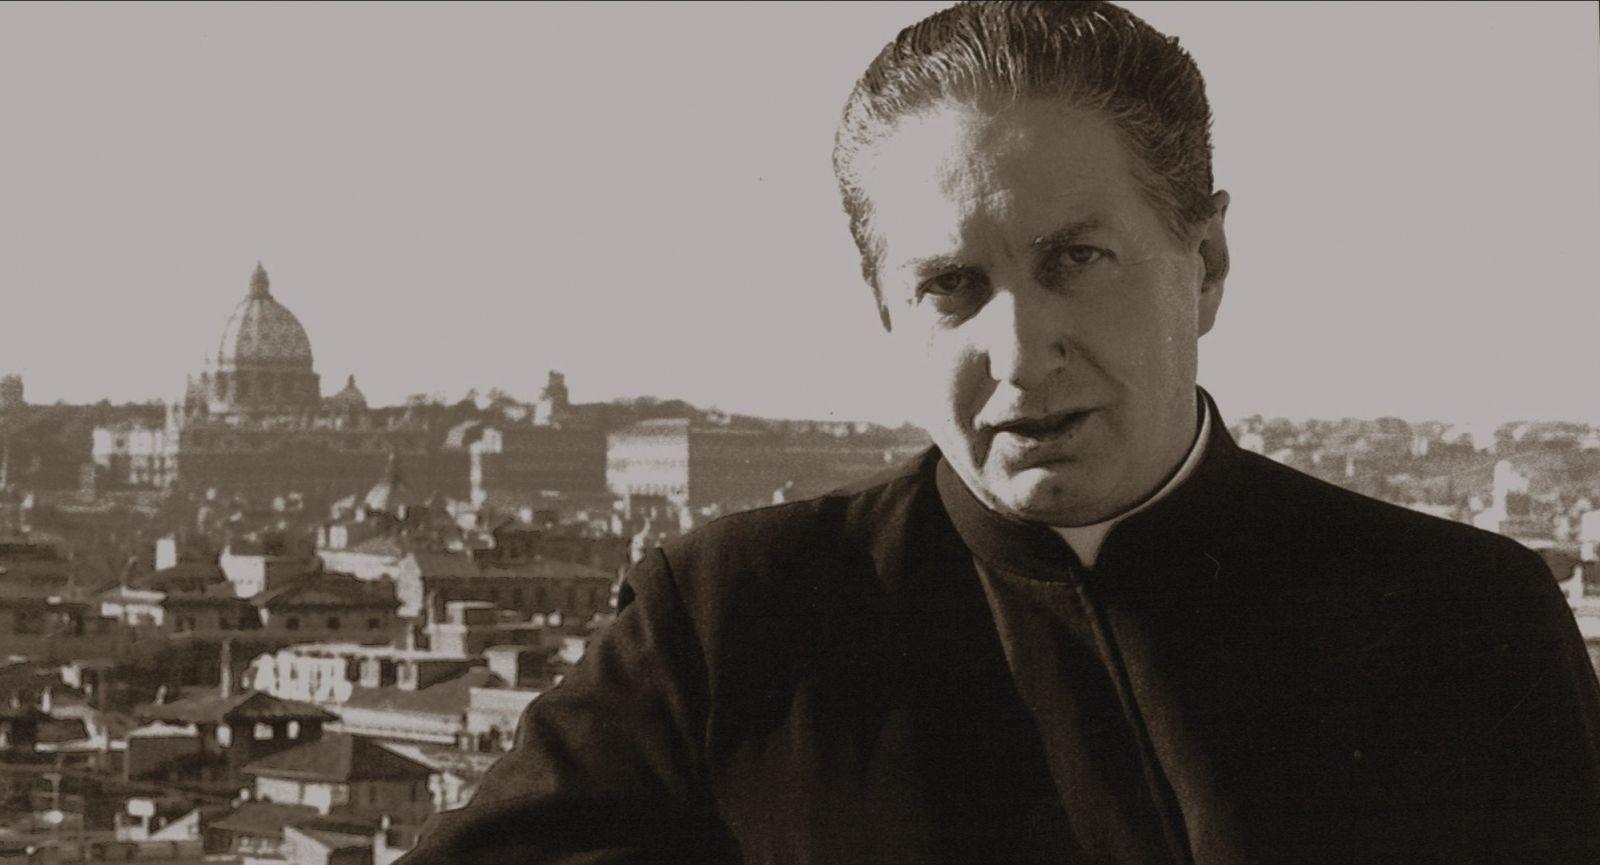 Vedete, sono uno di voi: Carlo Maria Martini ritratto in una foto mostrata nel film